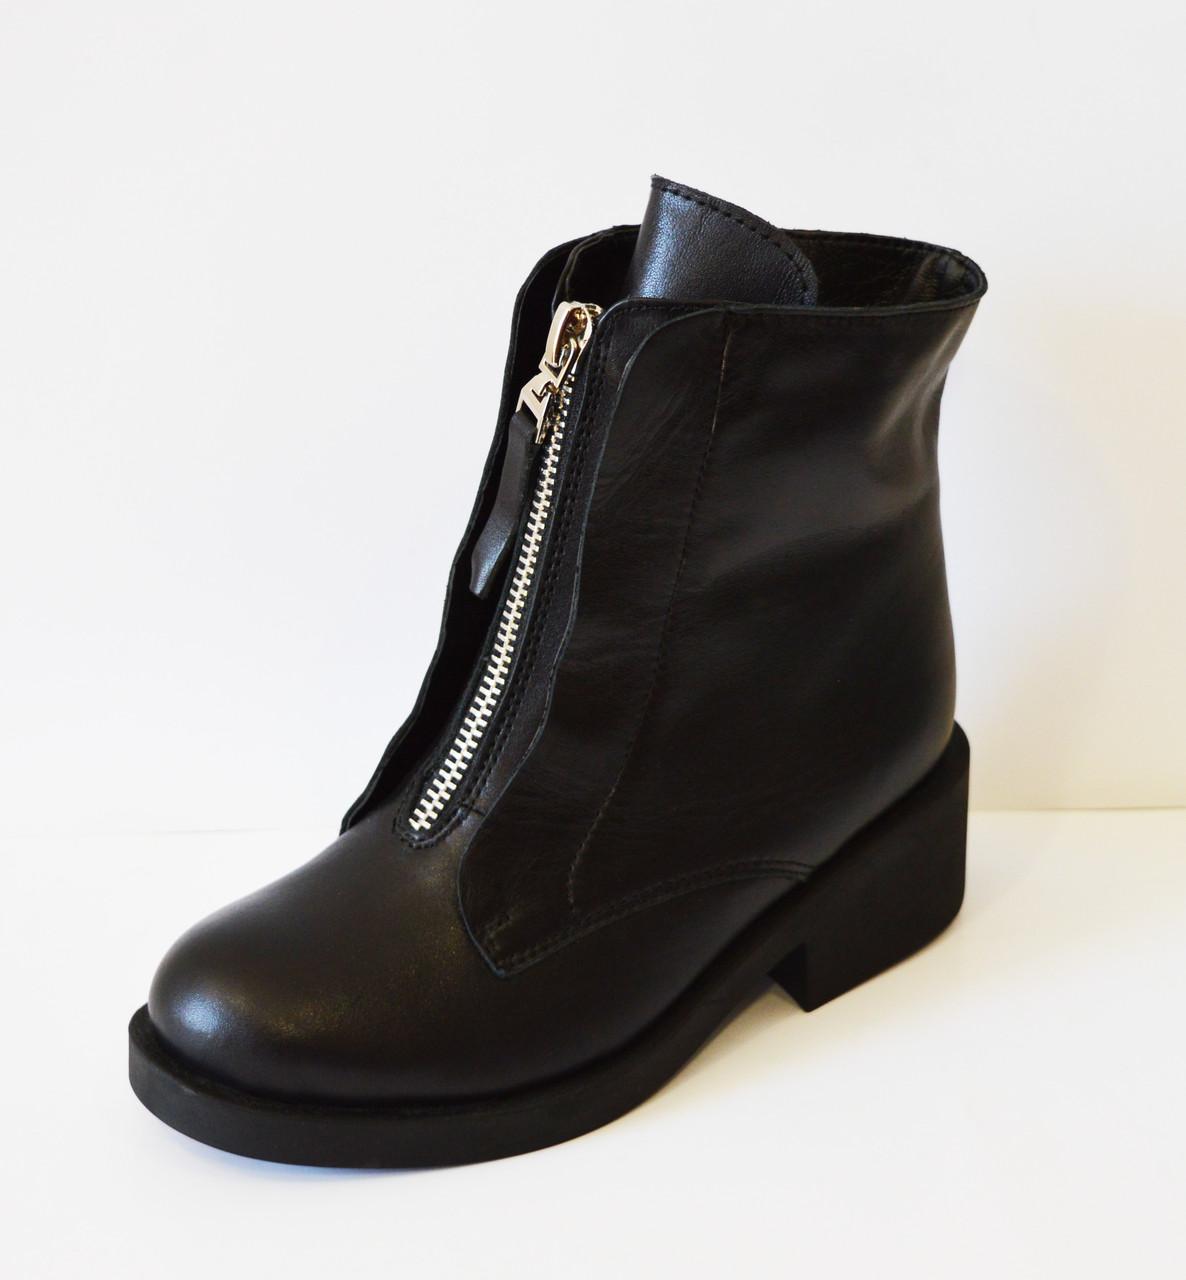 Кожаные зимние женские ботинки Kluchini 3801